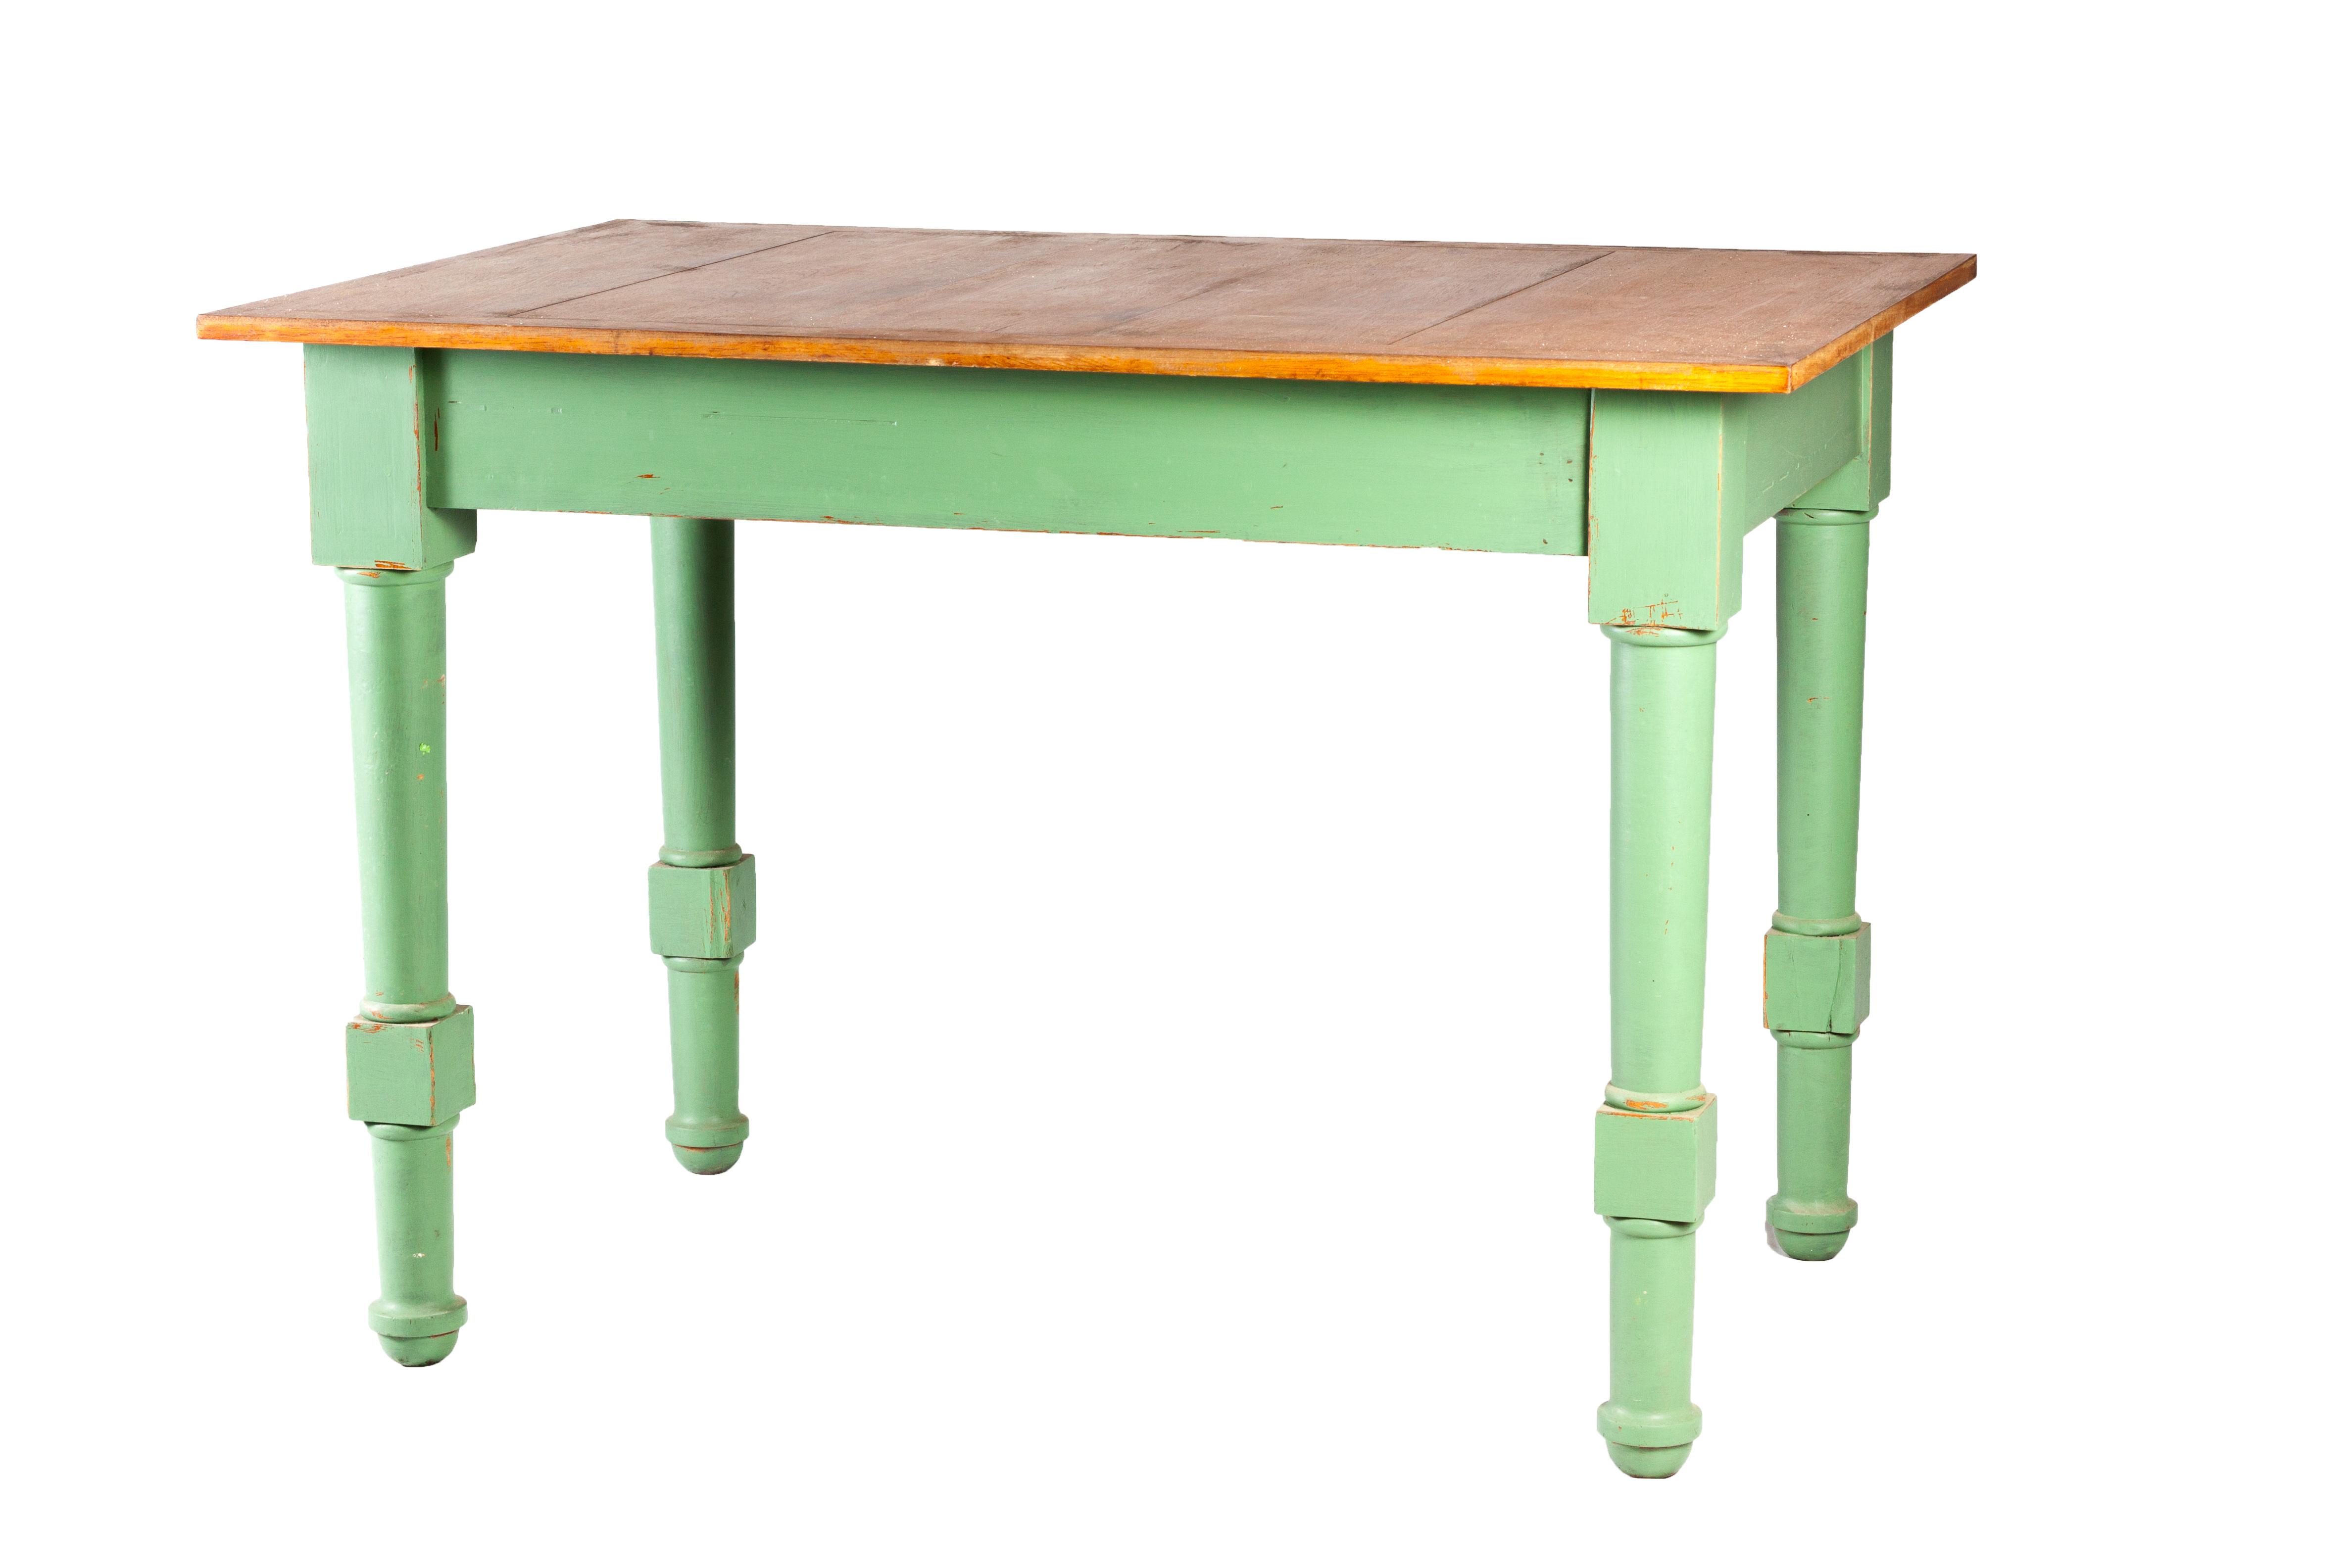 Mesa de cocina recuperada polonium 209 for Mesa cocina vintage